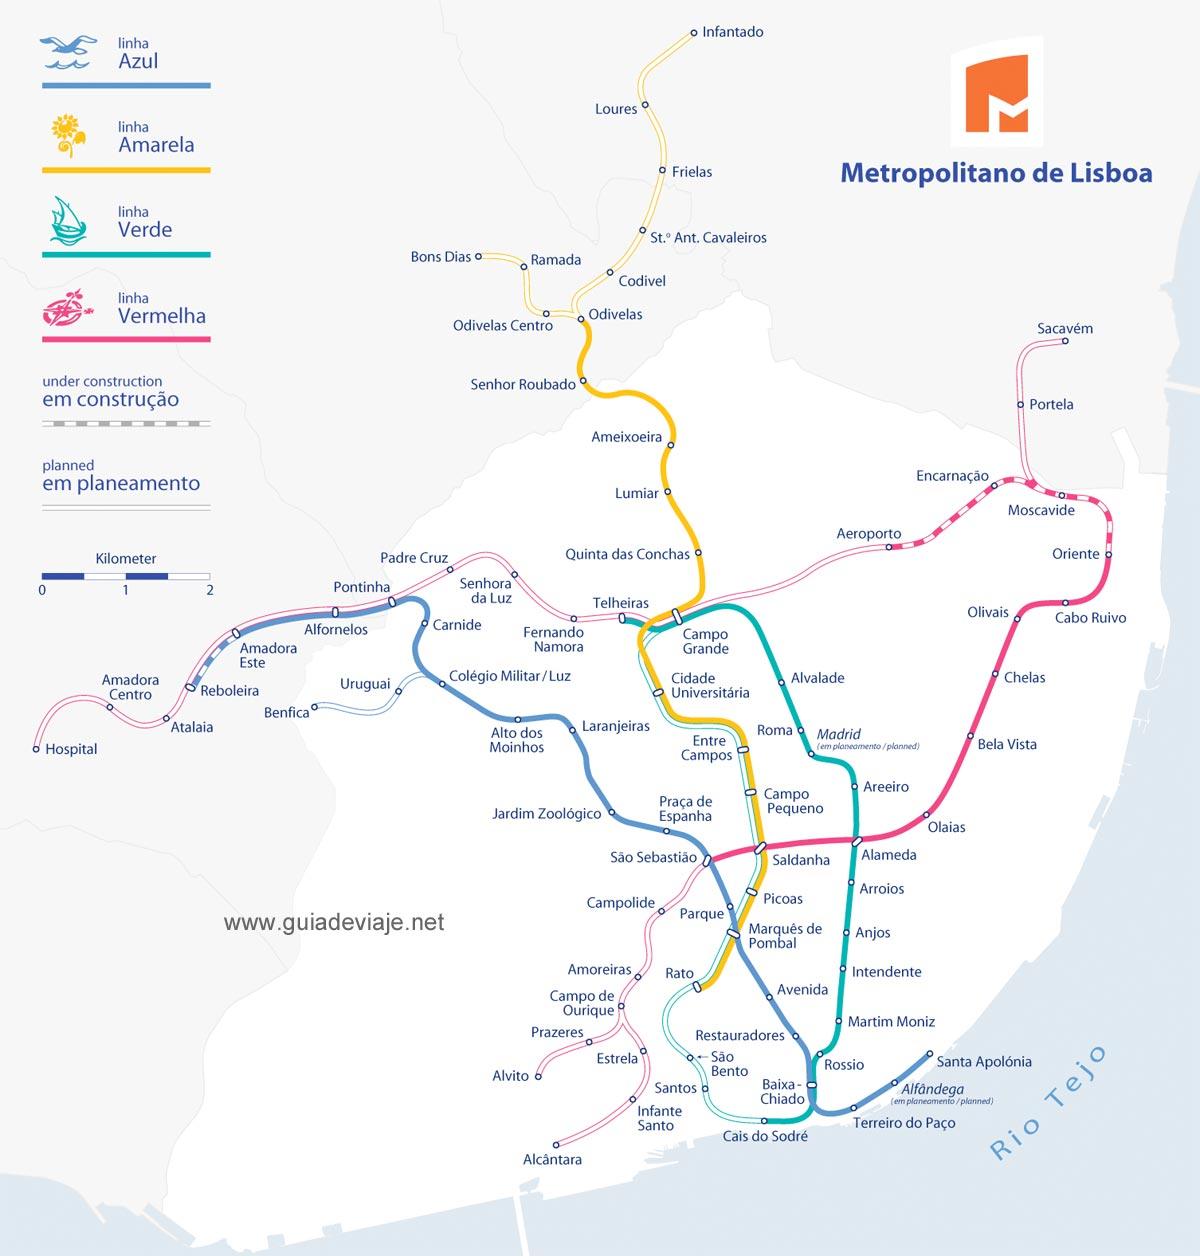 horario de tren metropolitano: